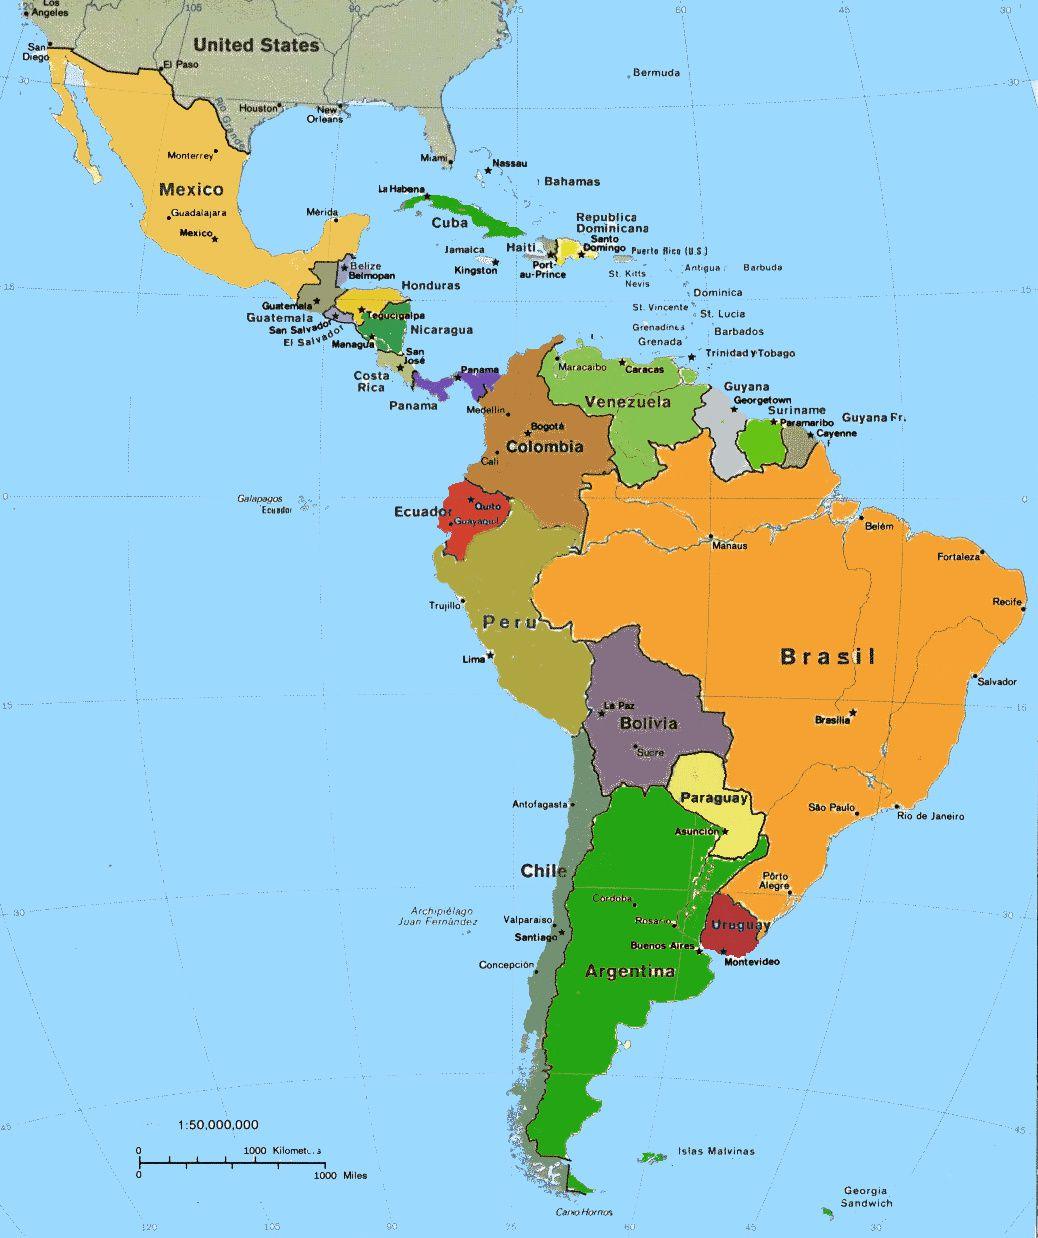 Oxfam confirma a Latinoamérica y el Caribe como región de enormes desigualdades.